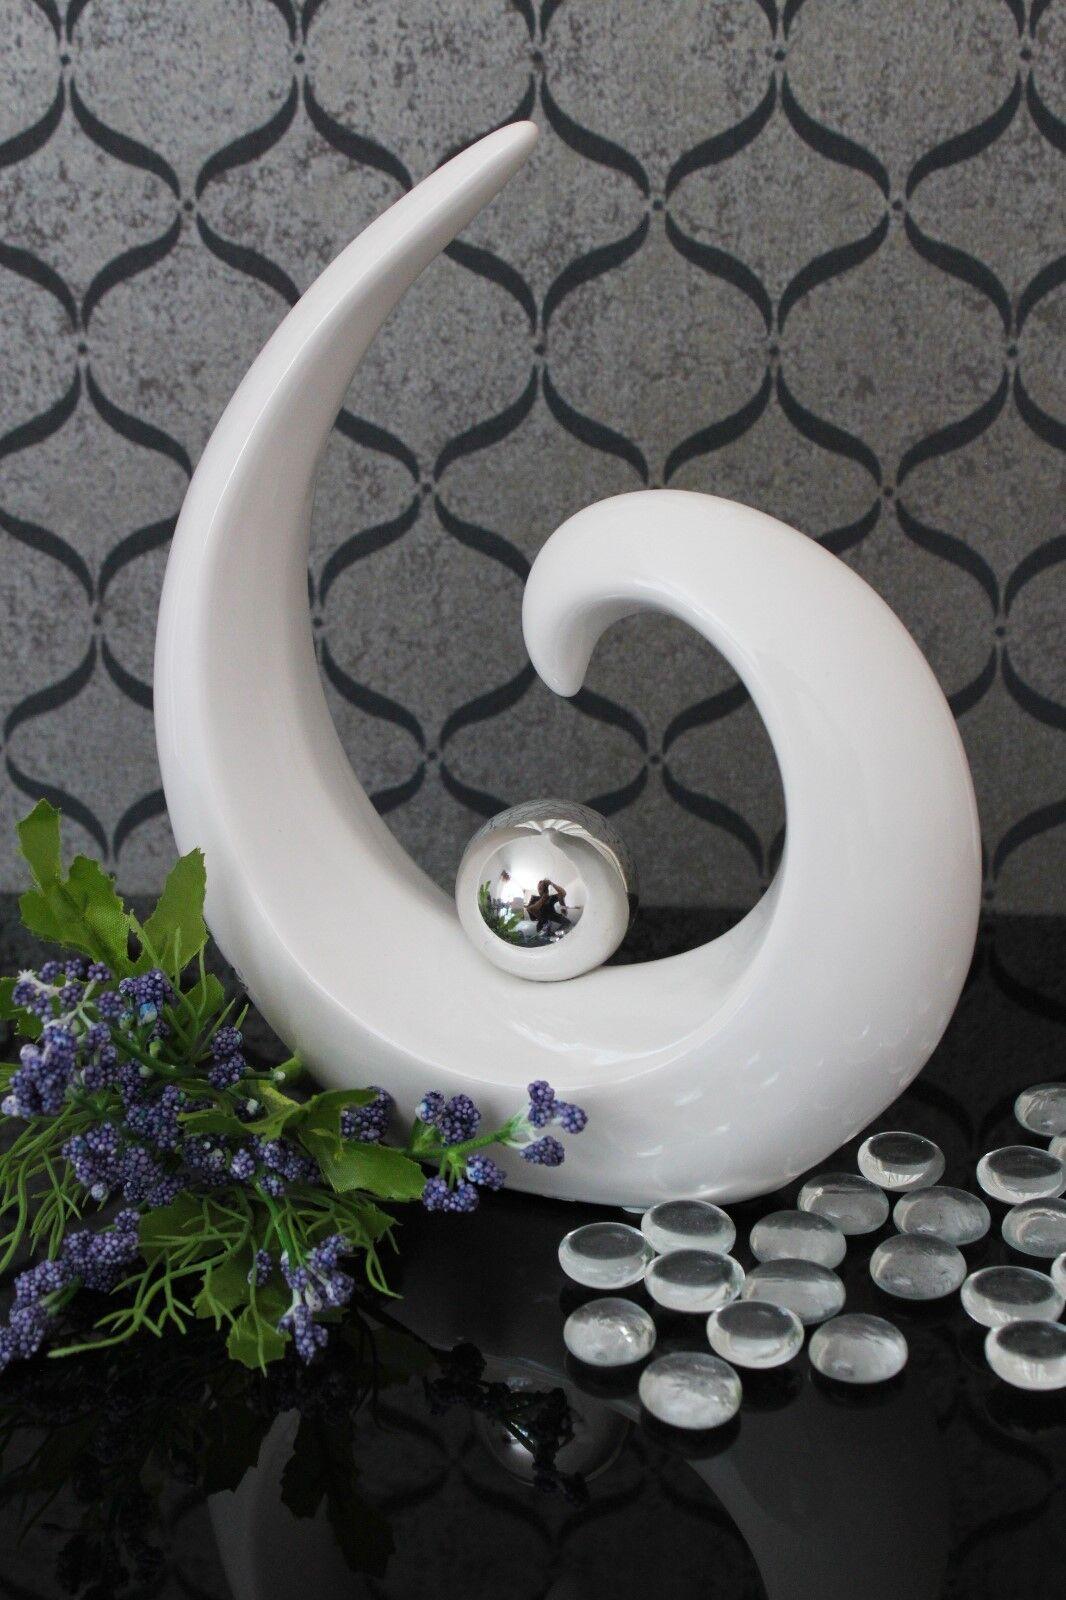 Deko Skulptur B Ware Keramik 21cm weiß silber Kugel design Figur modern Tisch